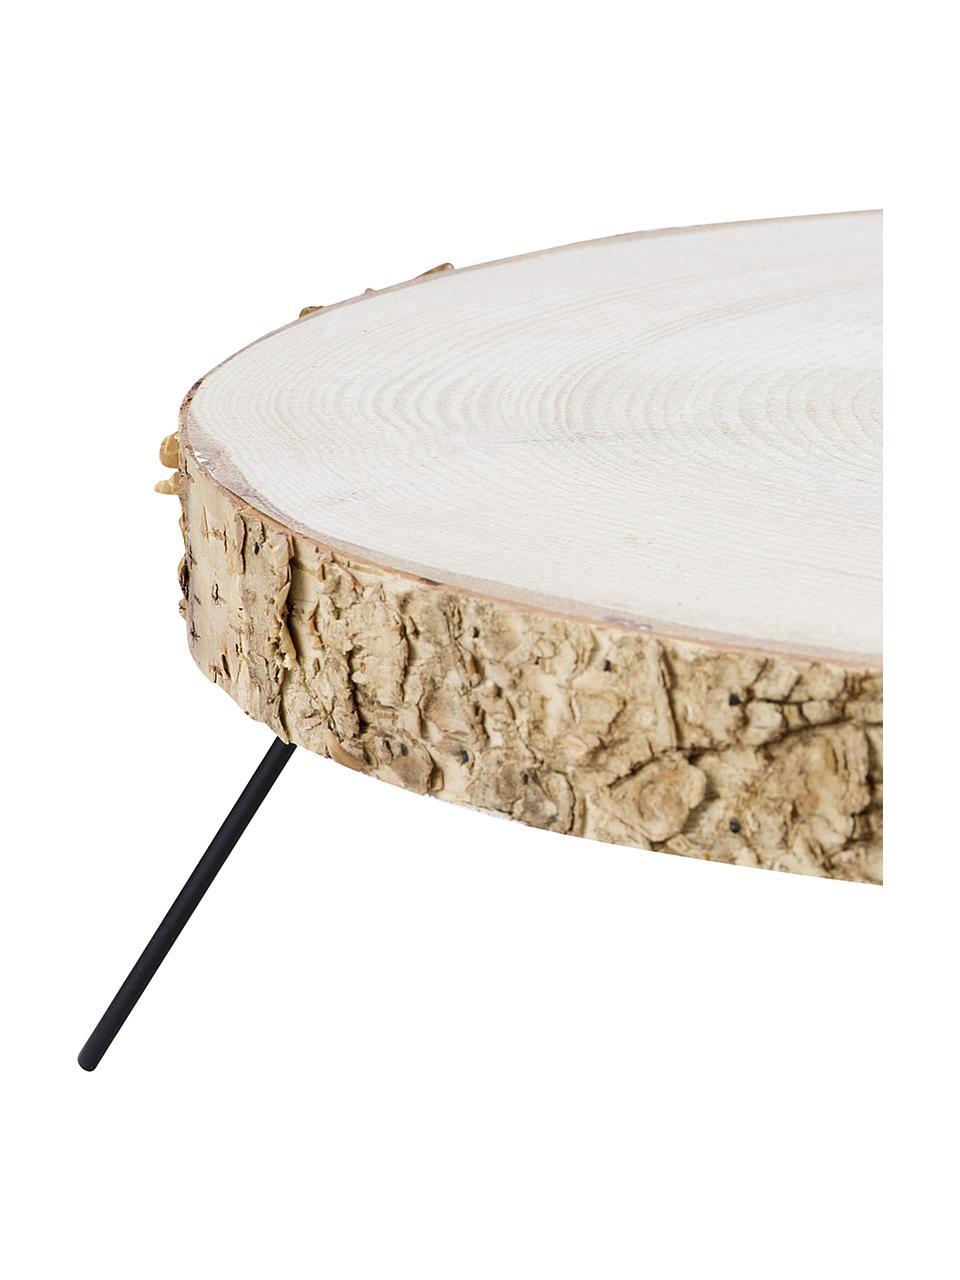 Taartplateau Natural van hout, Ø 35 x H 12 cm, Plank: hout, Voet: gecoat metaal, Houtkleurig, zwart, Ø 35 x H 12 cm